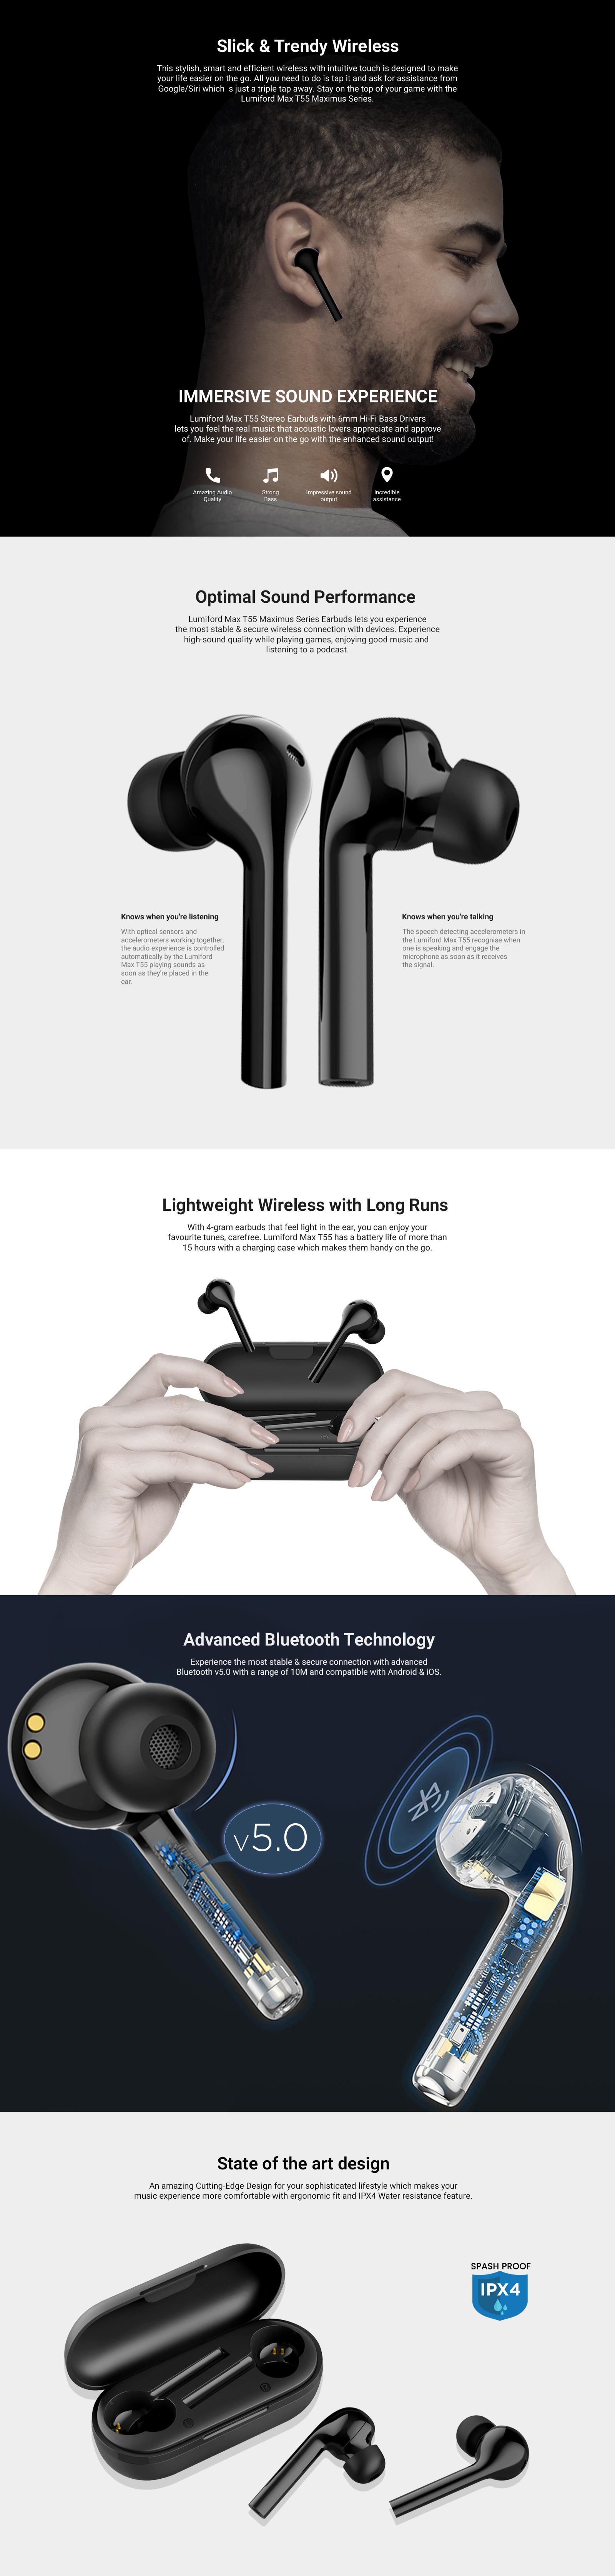 LUMIFORD Max T55 True Wireless Earbuds